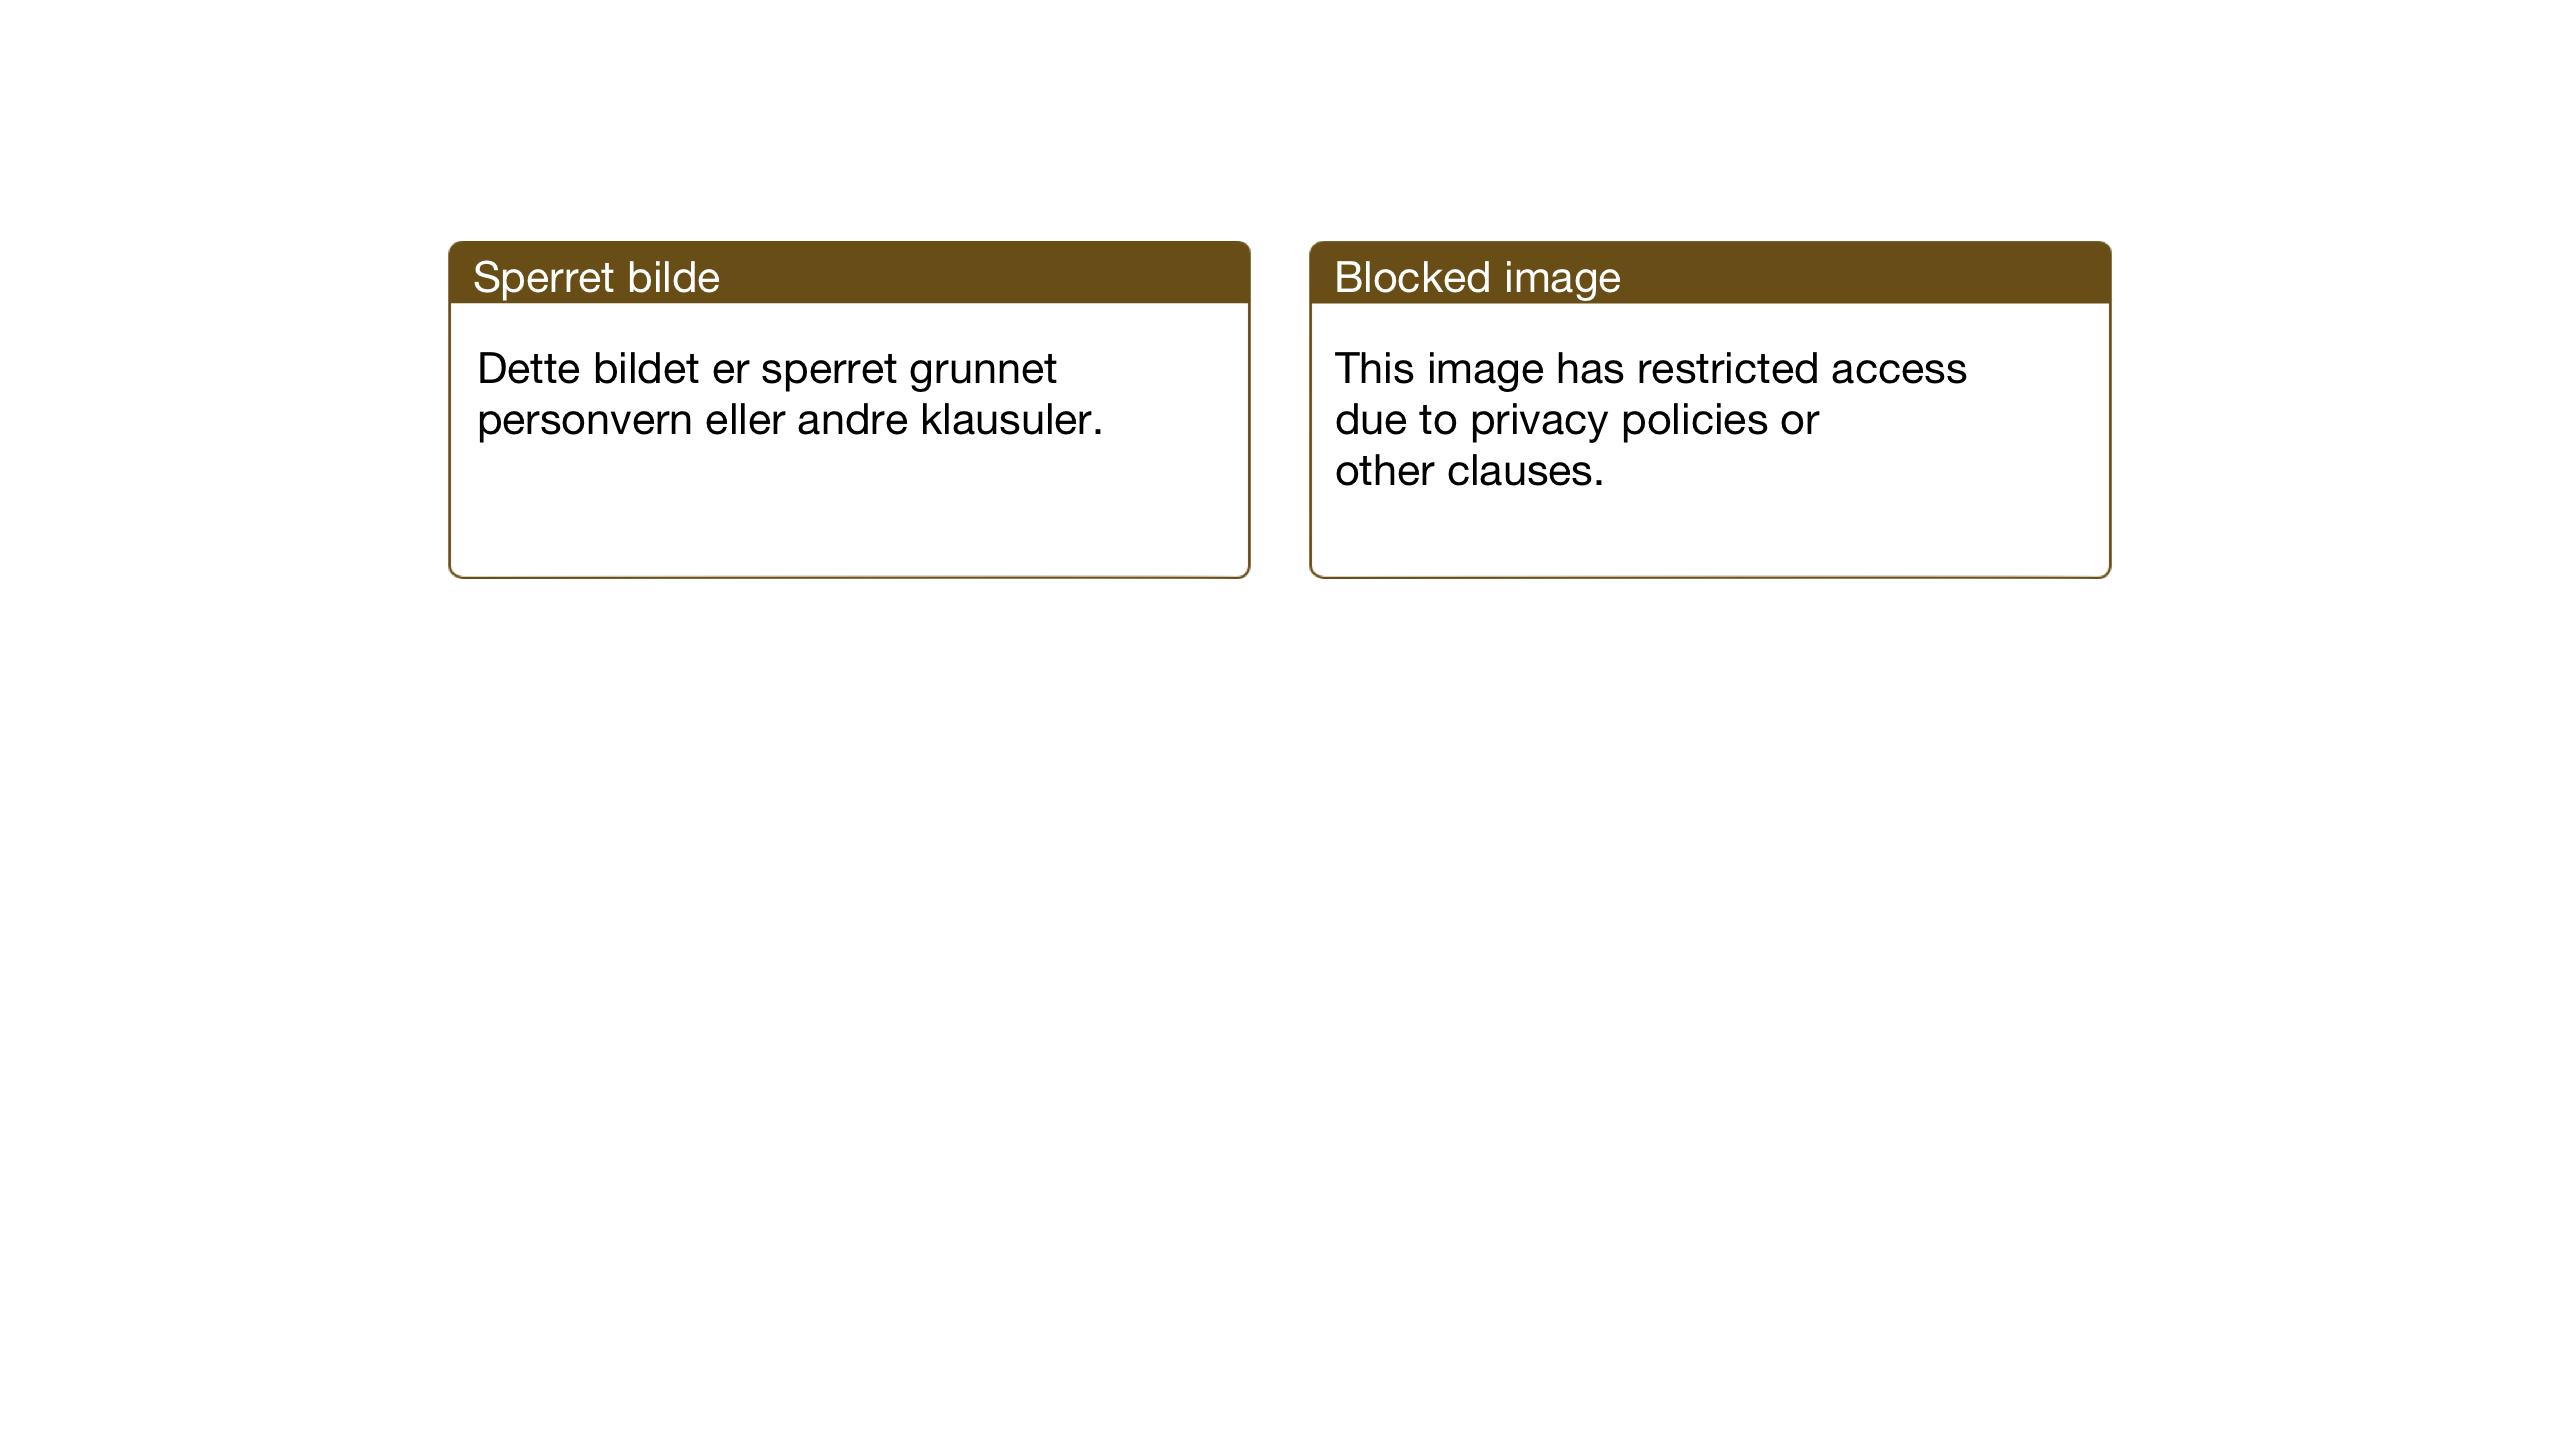 SAT, Ministerialprotokoller, klokkerbøker og fødselsregistre - Nord-Trøndelag, 722/L0227: Klokkerbok nr. 722C03, 1928-1958, s. 69